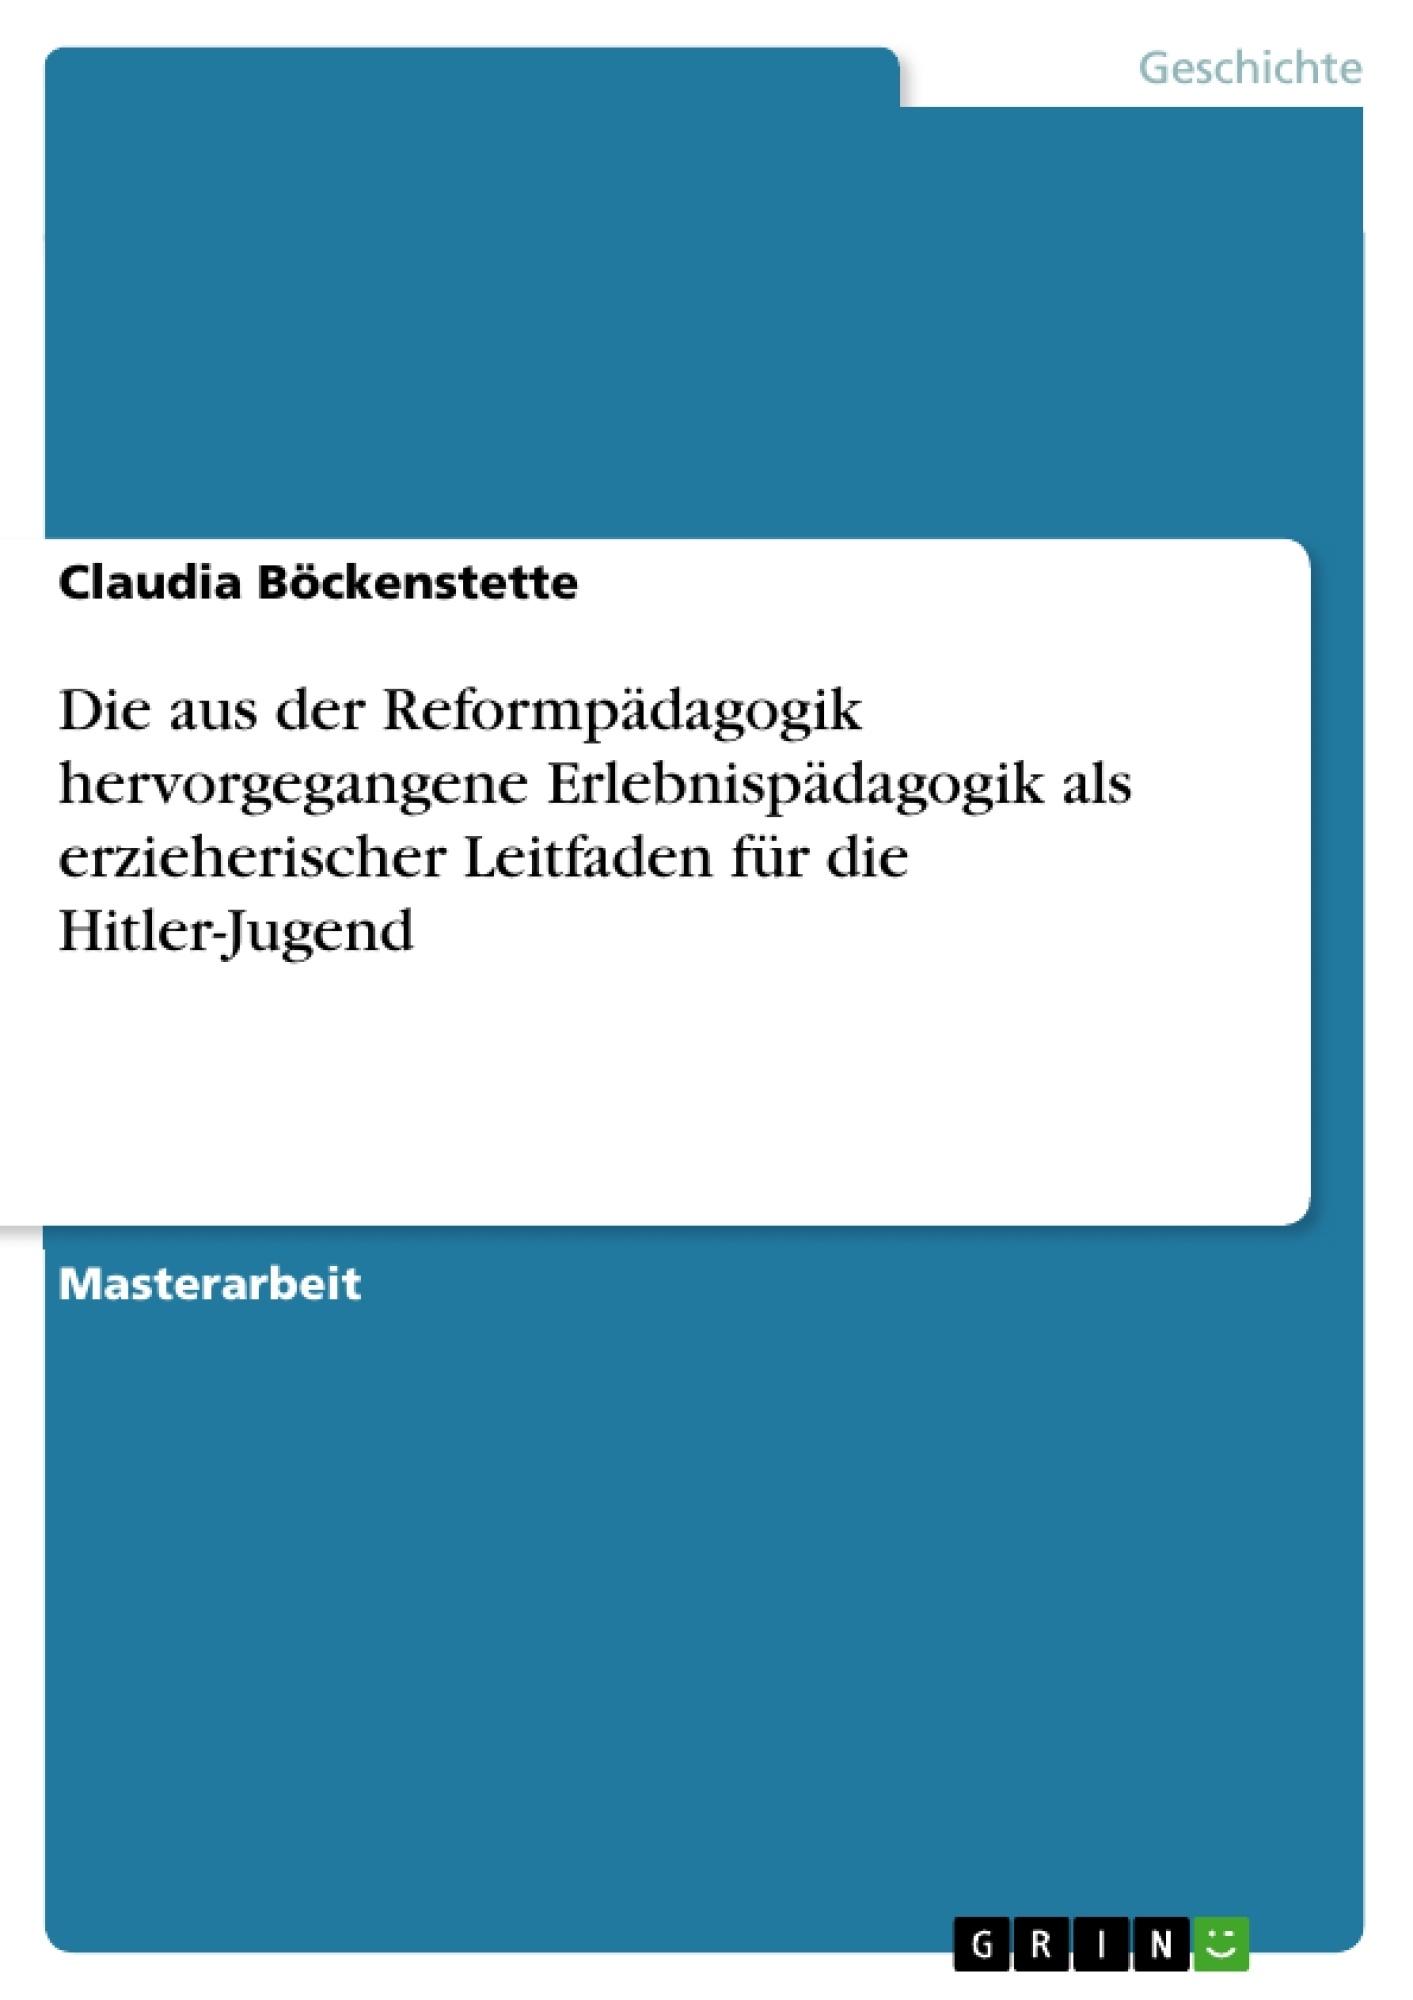 Titel: Die aus der Reformpädagogik hervorgegangene Erlebnispädagogik als erzieherischer Leitfaden für die Hitler-Jugend